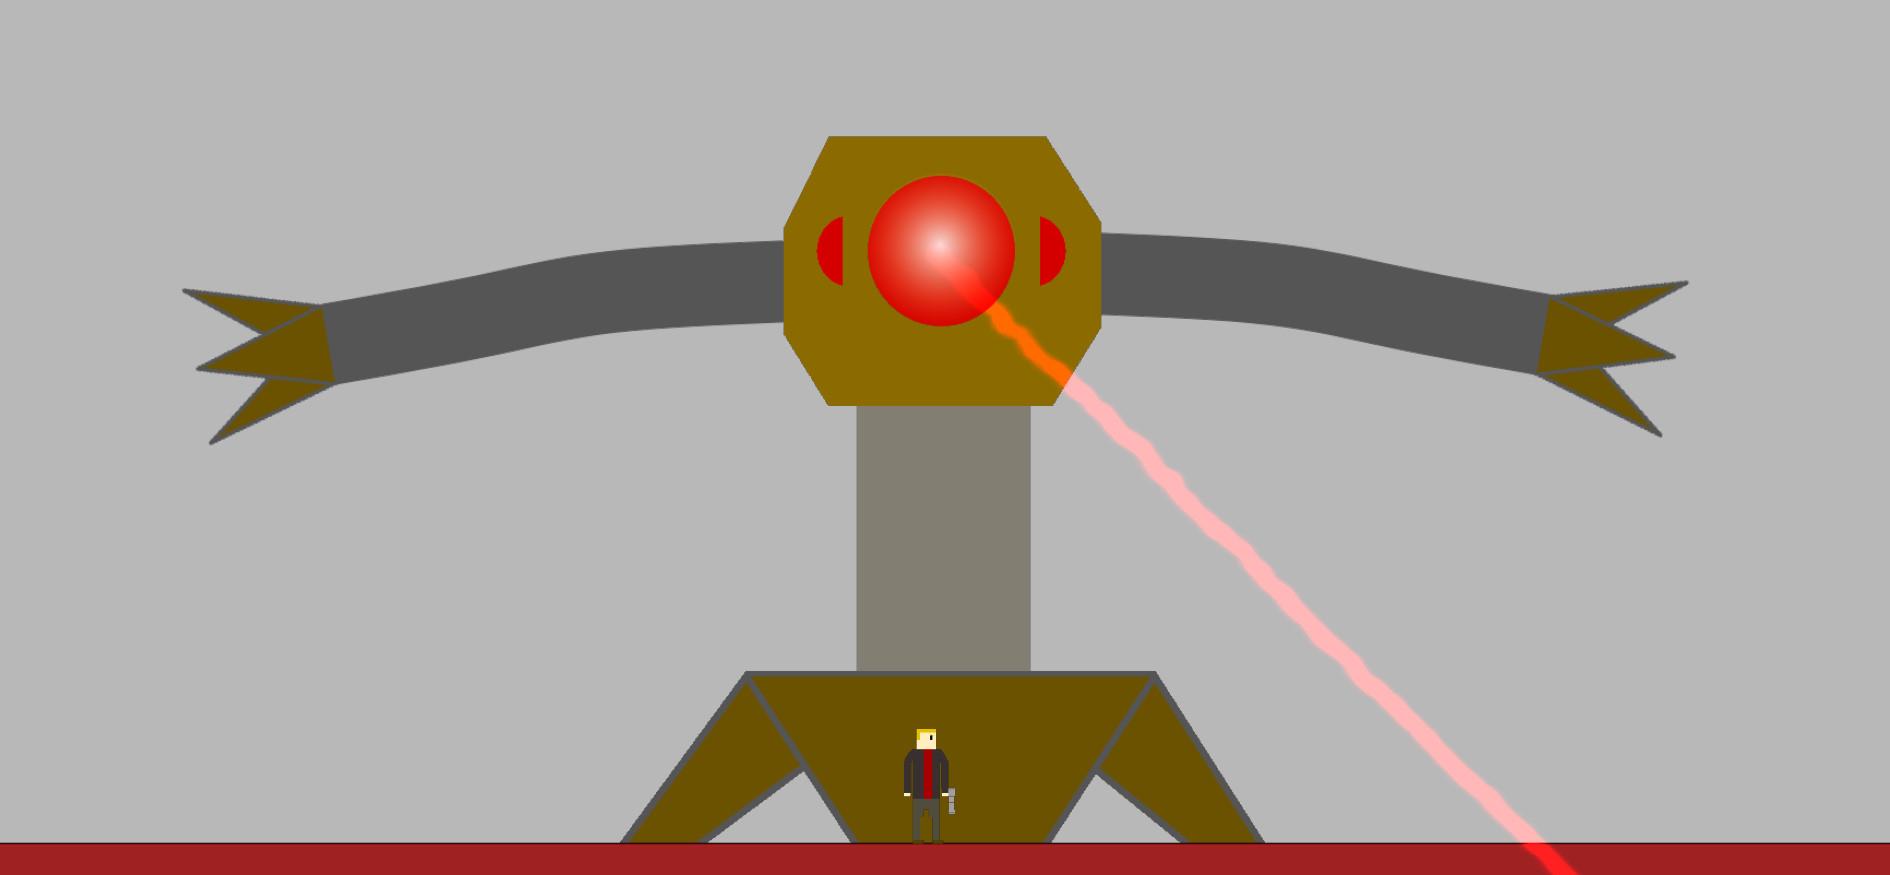 RAWM, War Ender's second boss, firing a laser beam